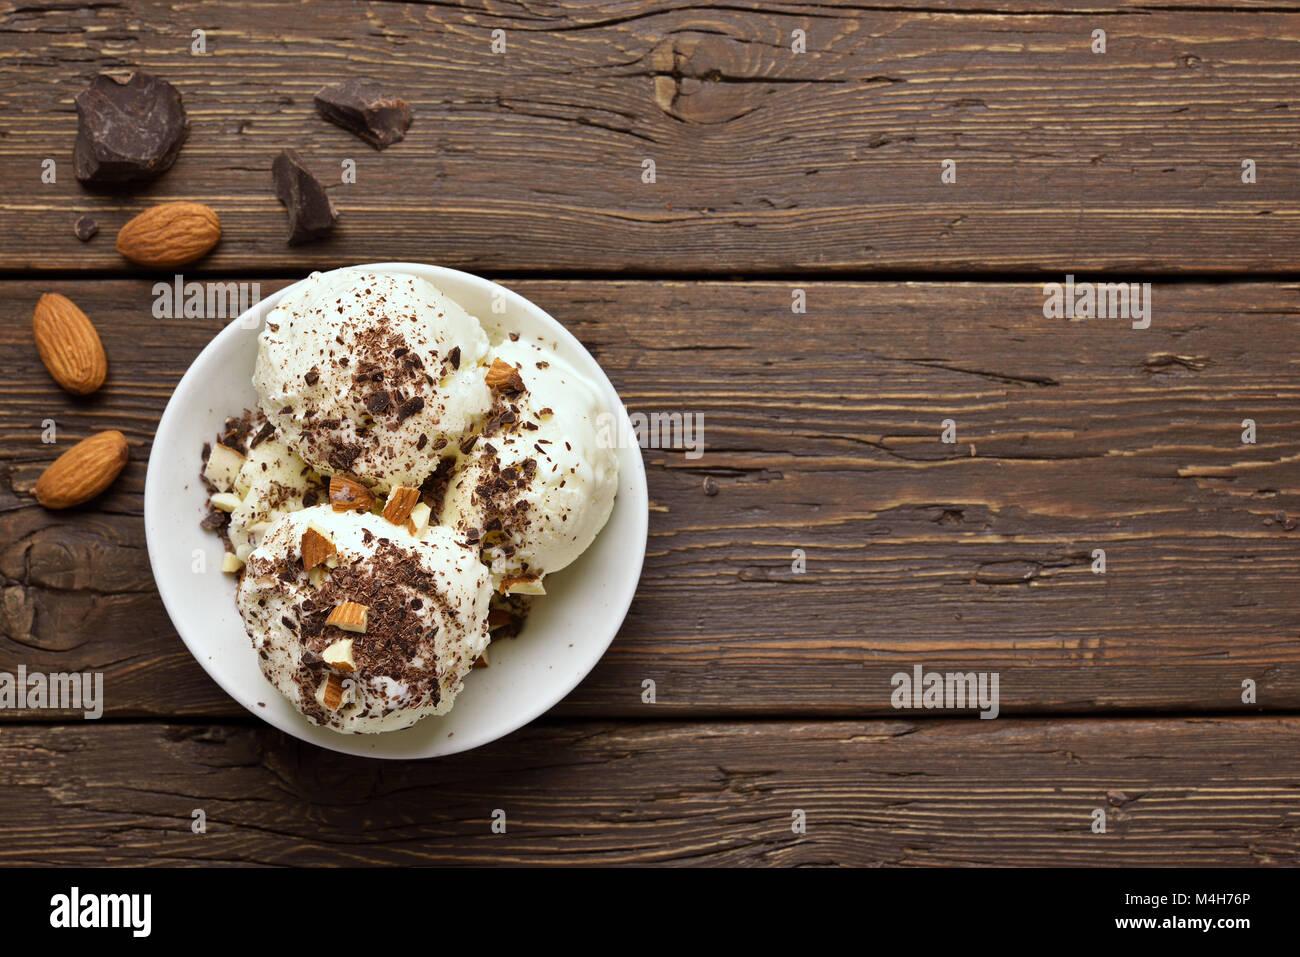 Leckere Schokolade Eis mit Muttern in die Schüssel auf Holz- Hintergrund mit kopieren. Ansicht von oben, flach Stockbild